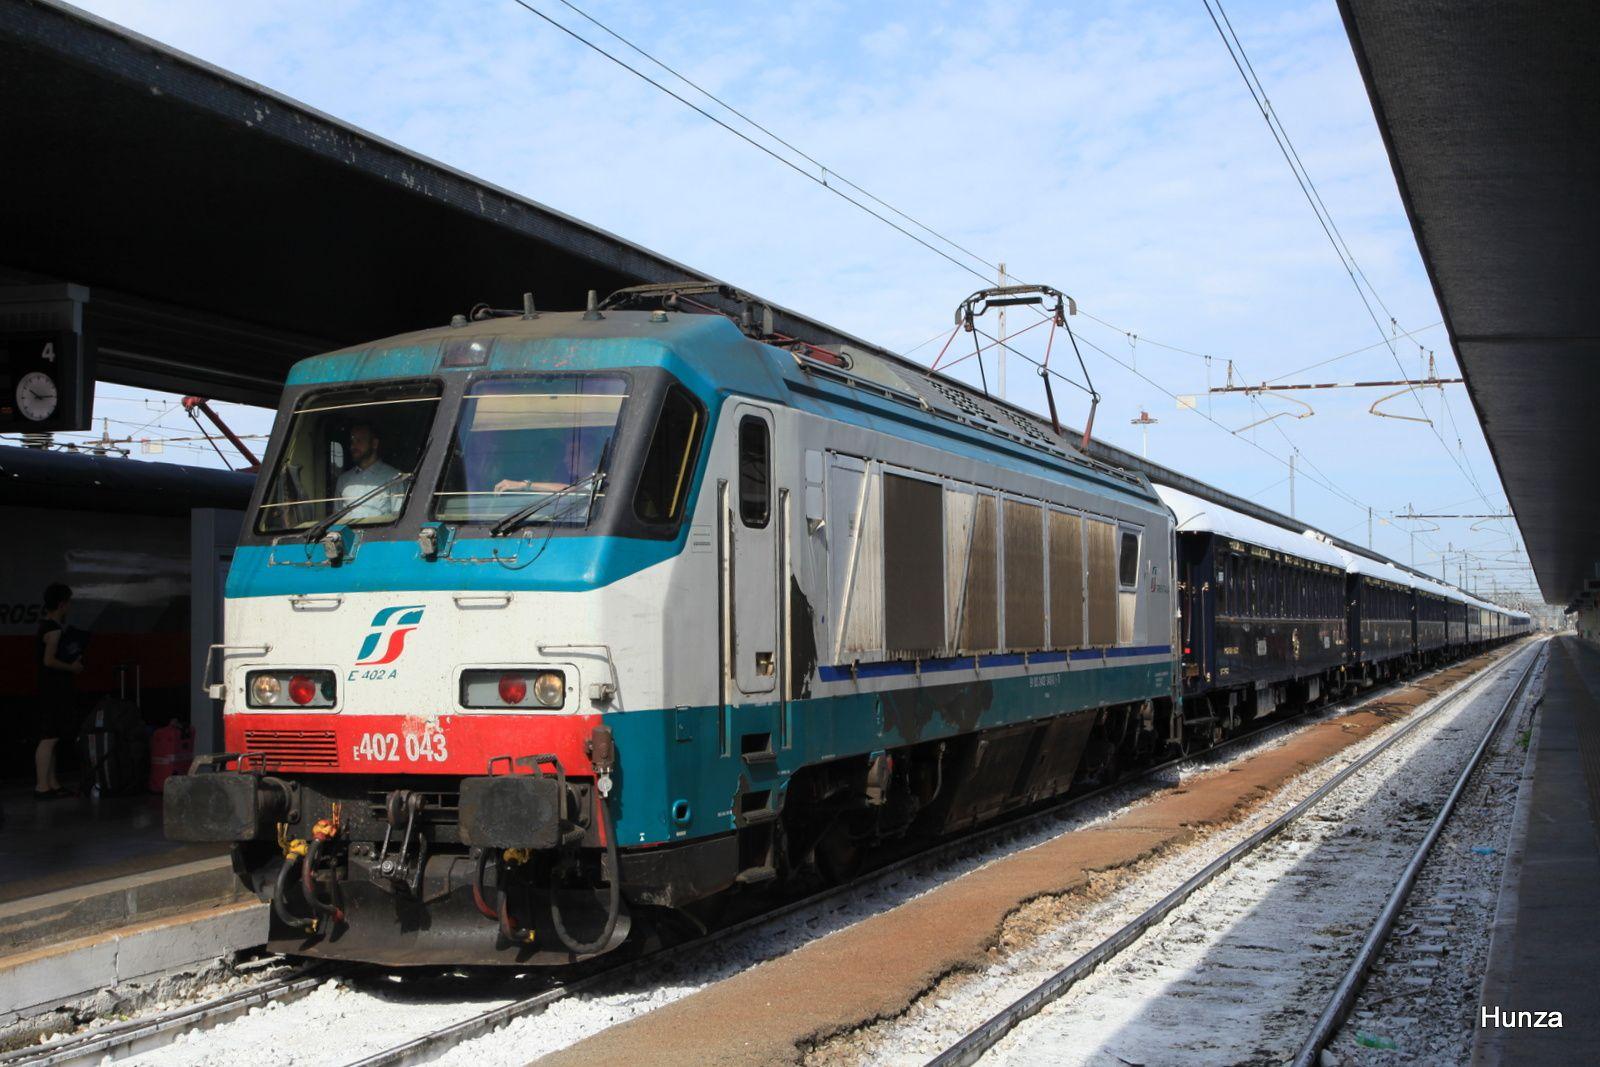 Locomotive E 402 - 043 en tête de l'Orient Express à Venise Santa Lucia (23 août 2017)